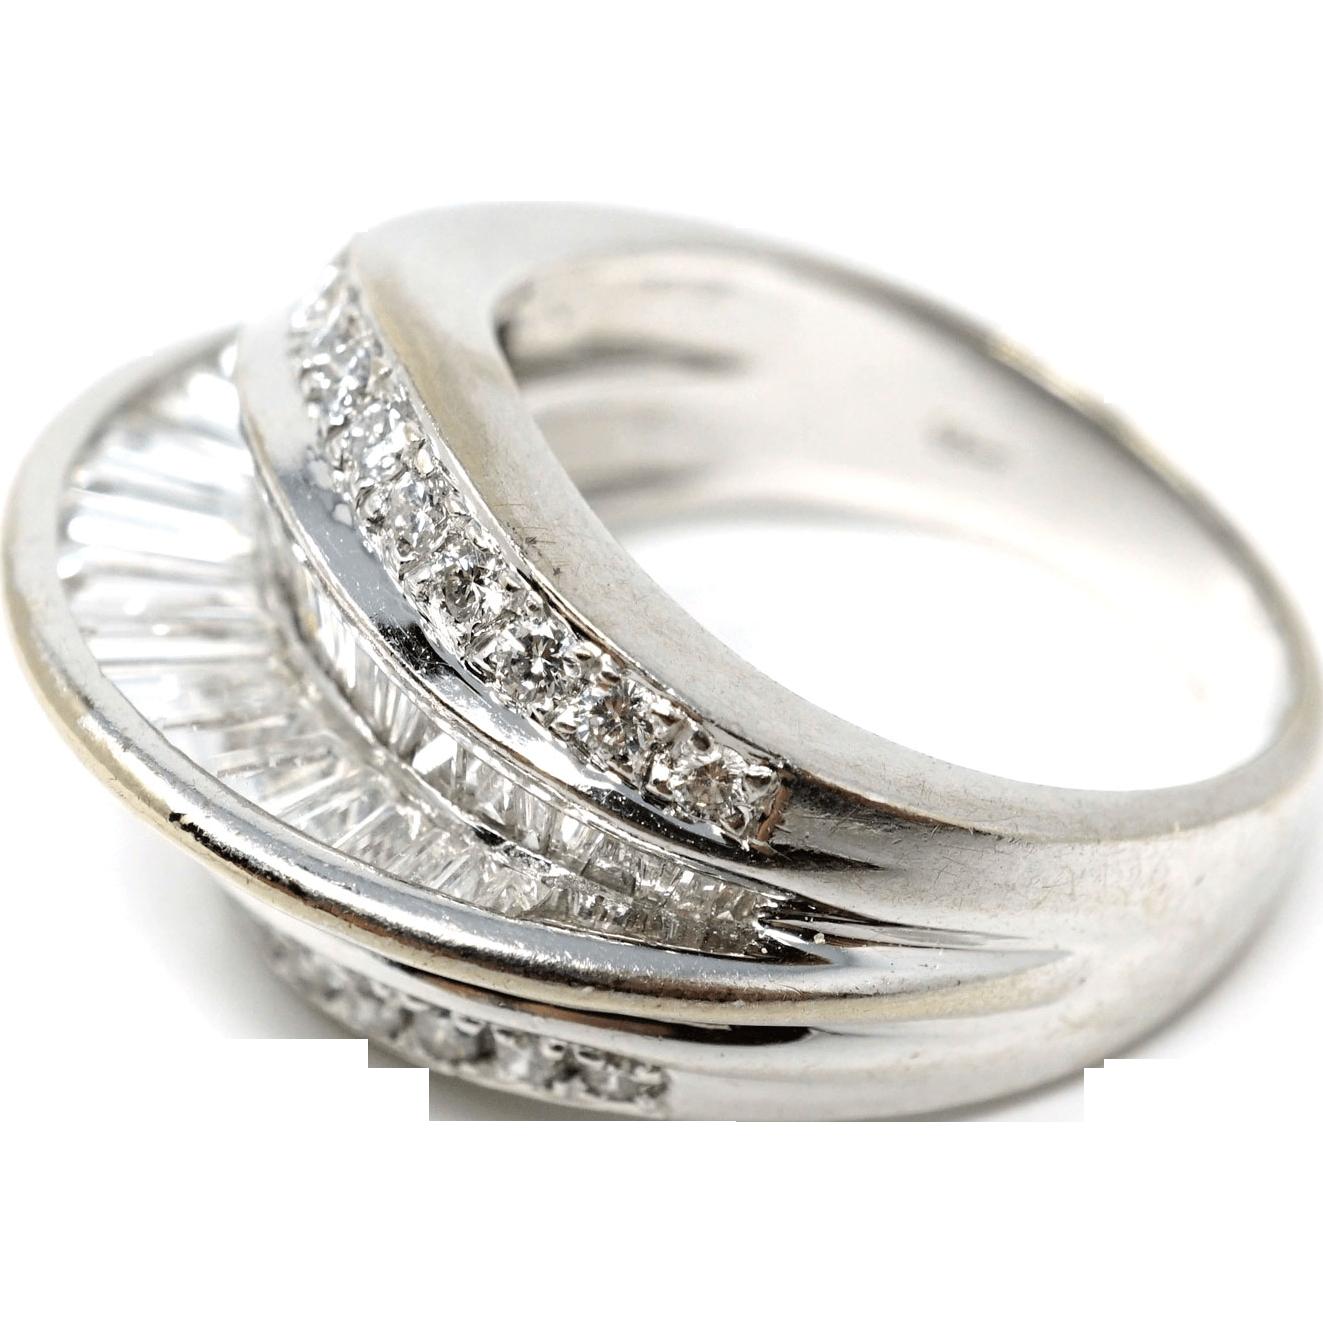 Vintage Estate 18 k white gold diamond Ring 2.3 carat with COA size 6.5